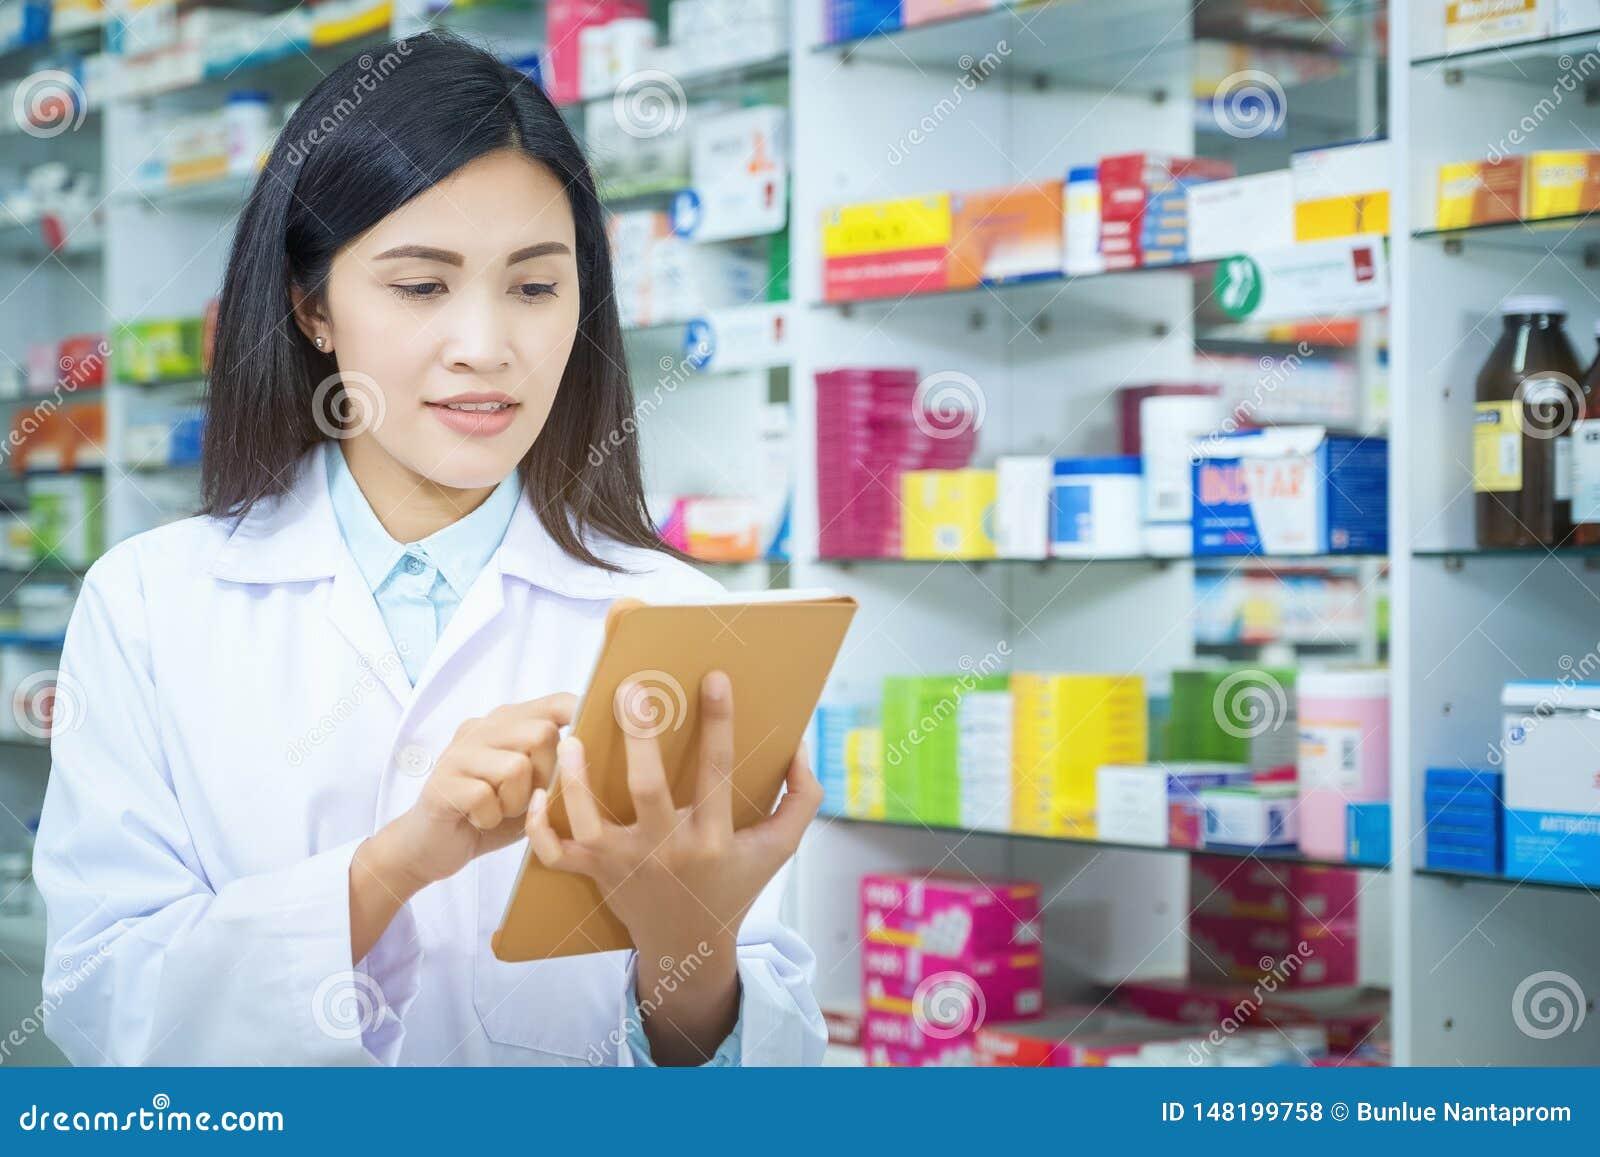 Φαρμακοποιός που απασχολείται με έναν υπολογιστή ταμπλετών στην εκμετάλλευση φαρμακείων σε το στο χέρι της διαβάζοντας τις πληροφ